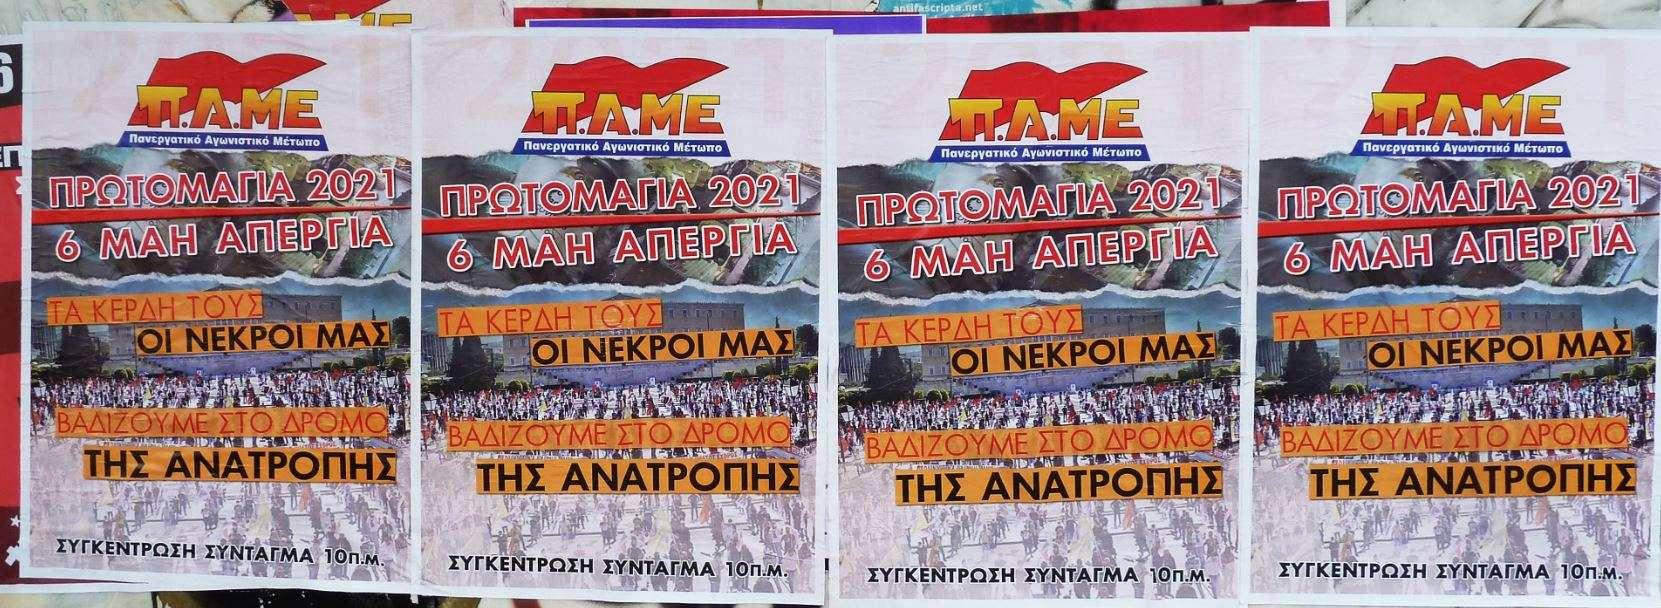 ΚΚΕ ΚΝΕ Καισαριανή Πρωτομαγιά 2021 Εκδήλωση Σκοπευτήριο